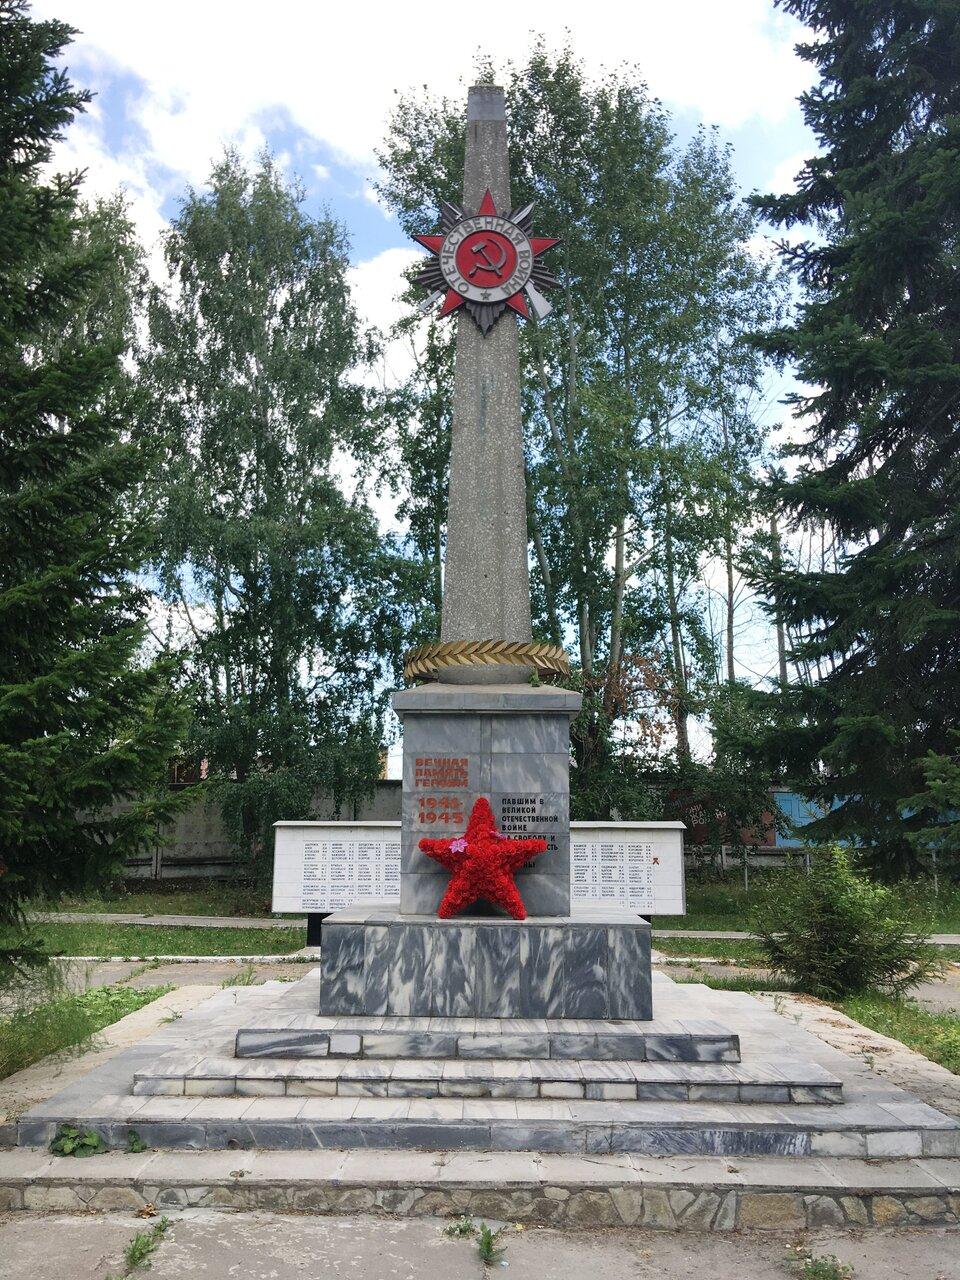 Обелиск в память рабочих Ирбитского стекольного завода, погибших в годы Великой Отечественной войны